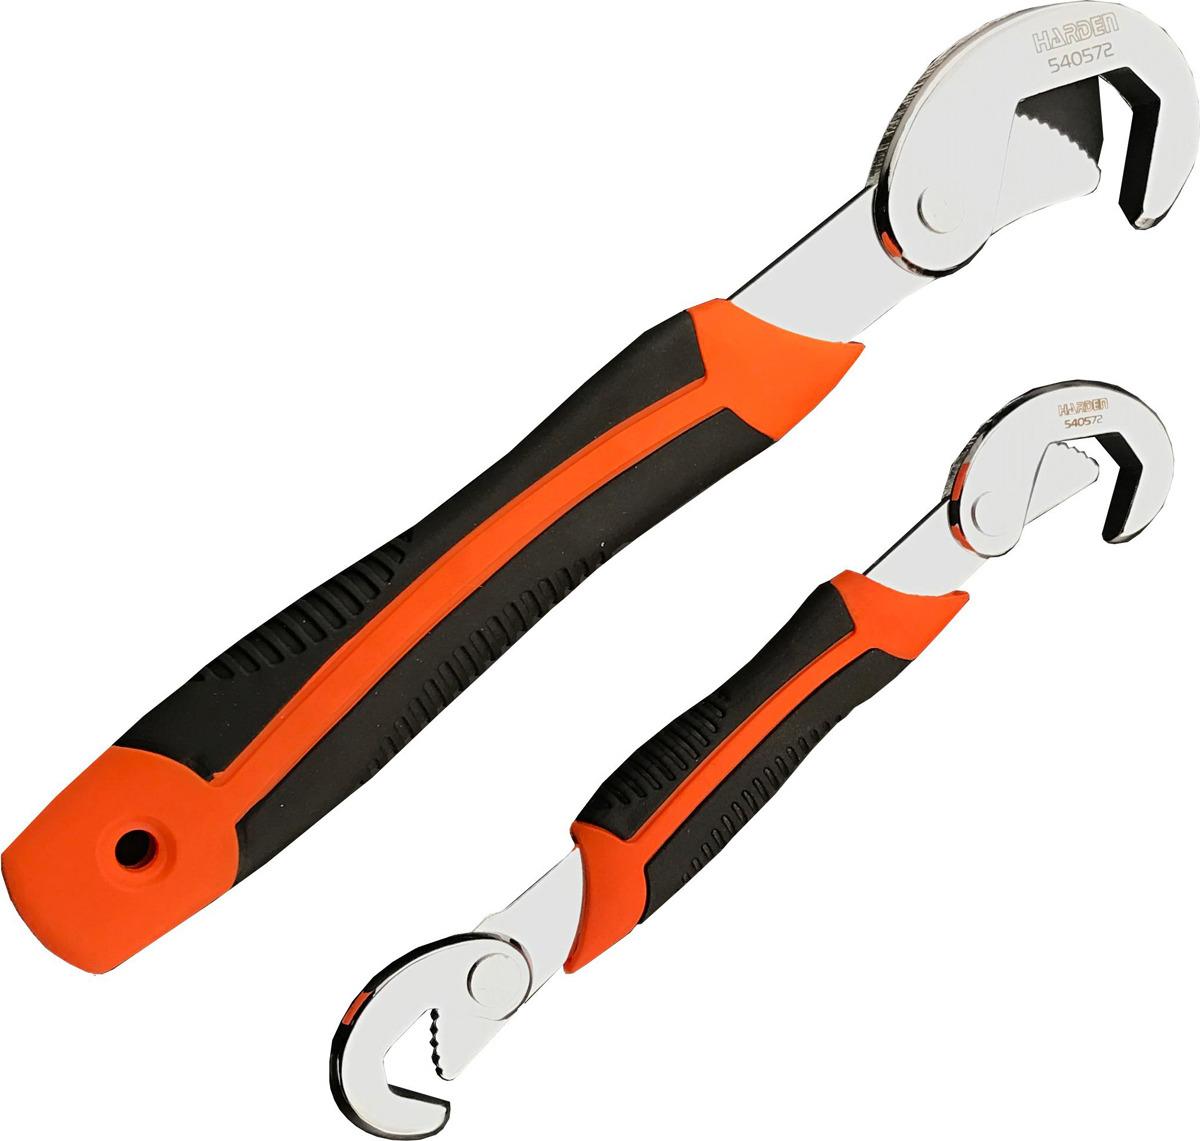 Ключ самозажимной Harden, 540572, универсальный, усиленный, 9-23 мм шпатель harden 620204 профессиональный усиленный 100 мм